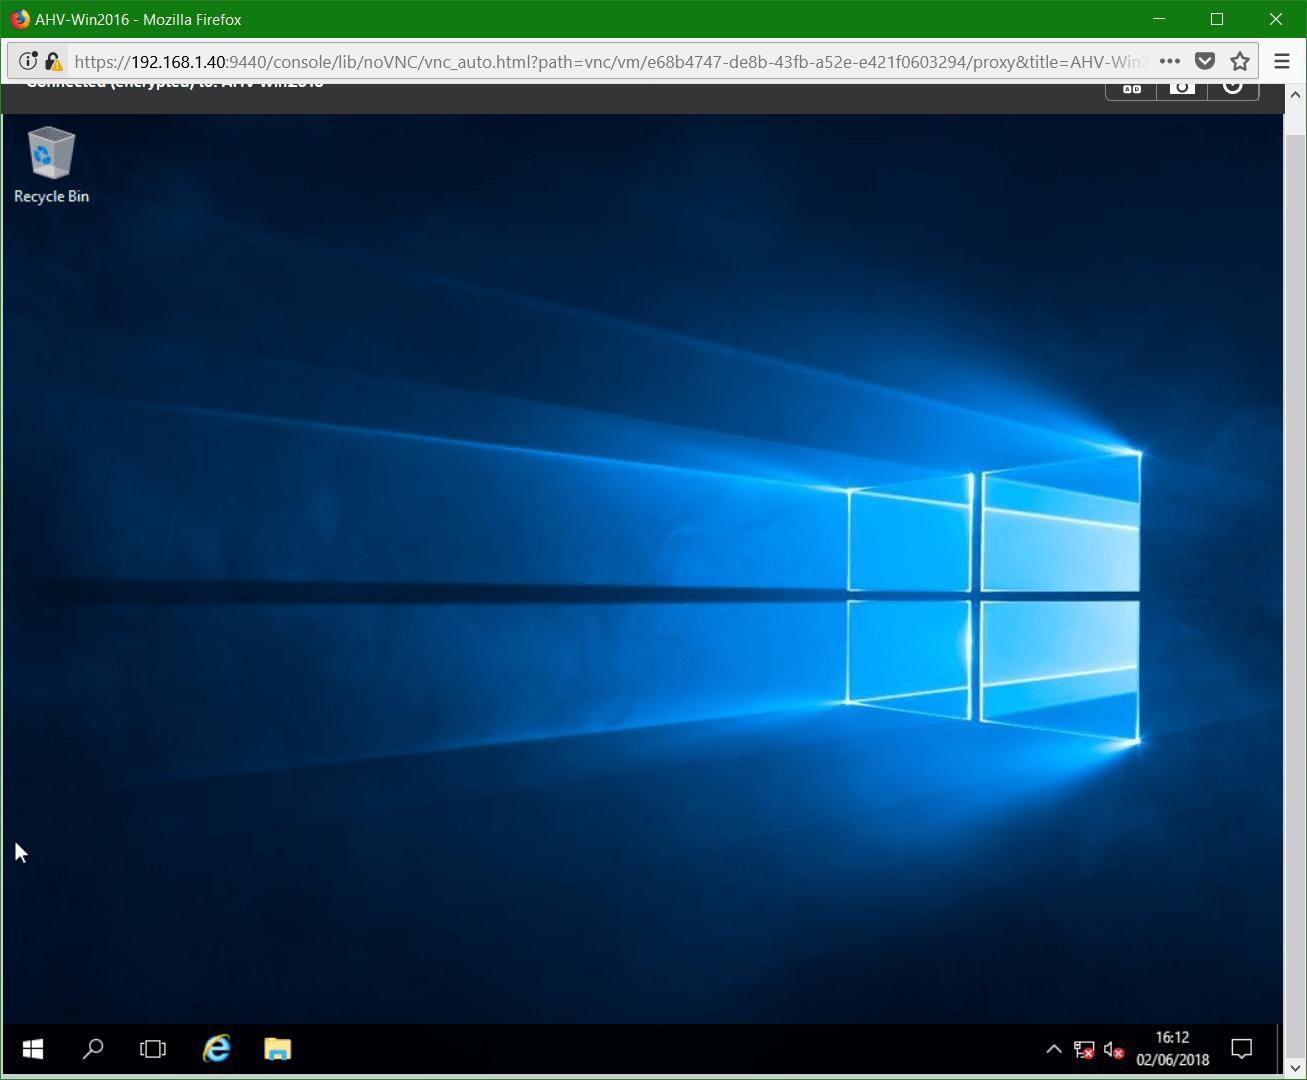 domalab.com Nutanix Windows AHV desktop